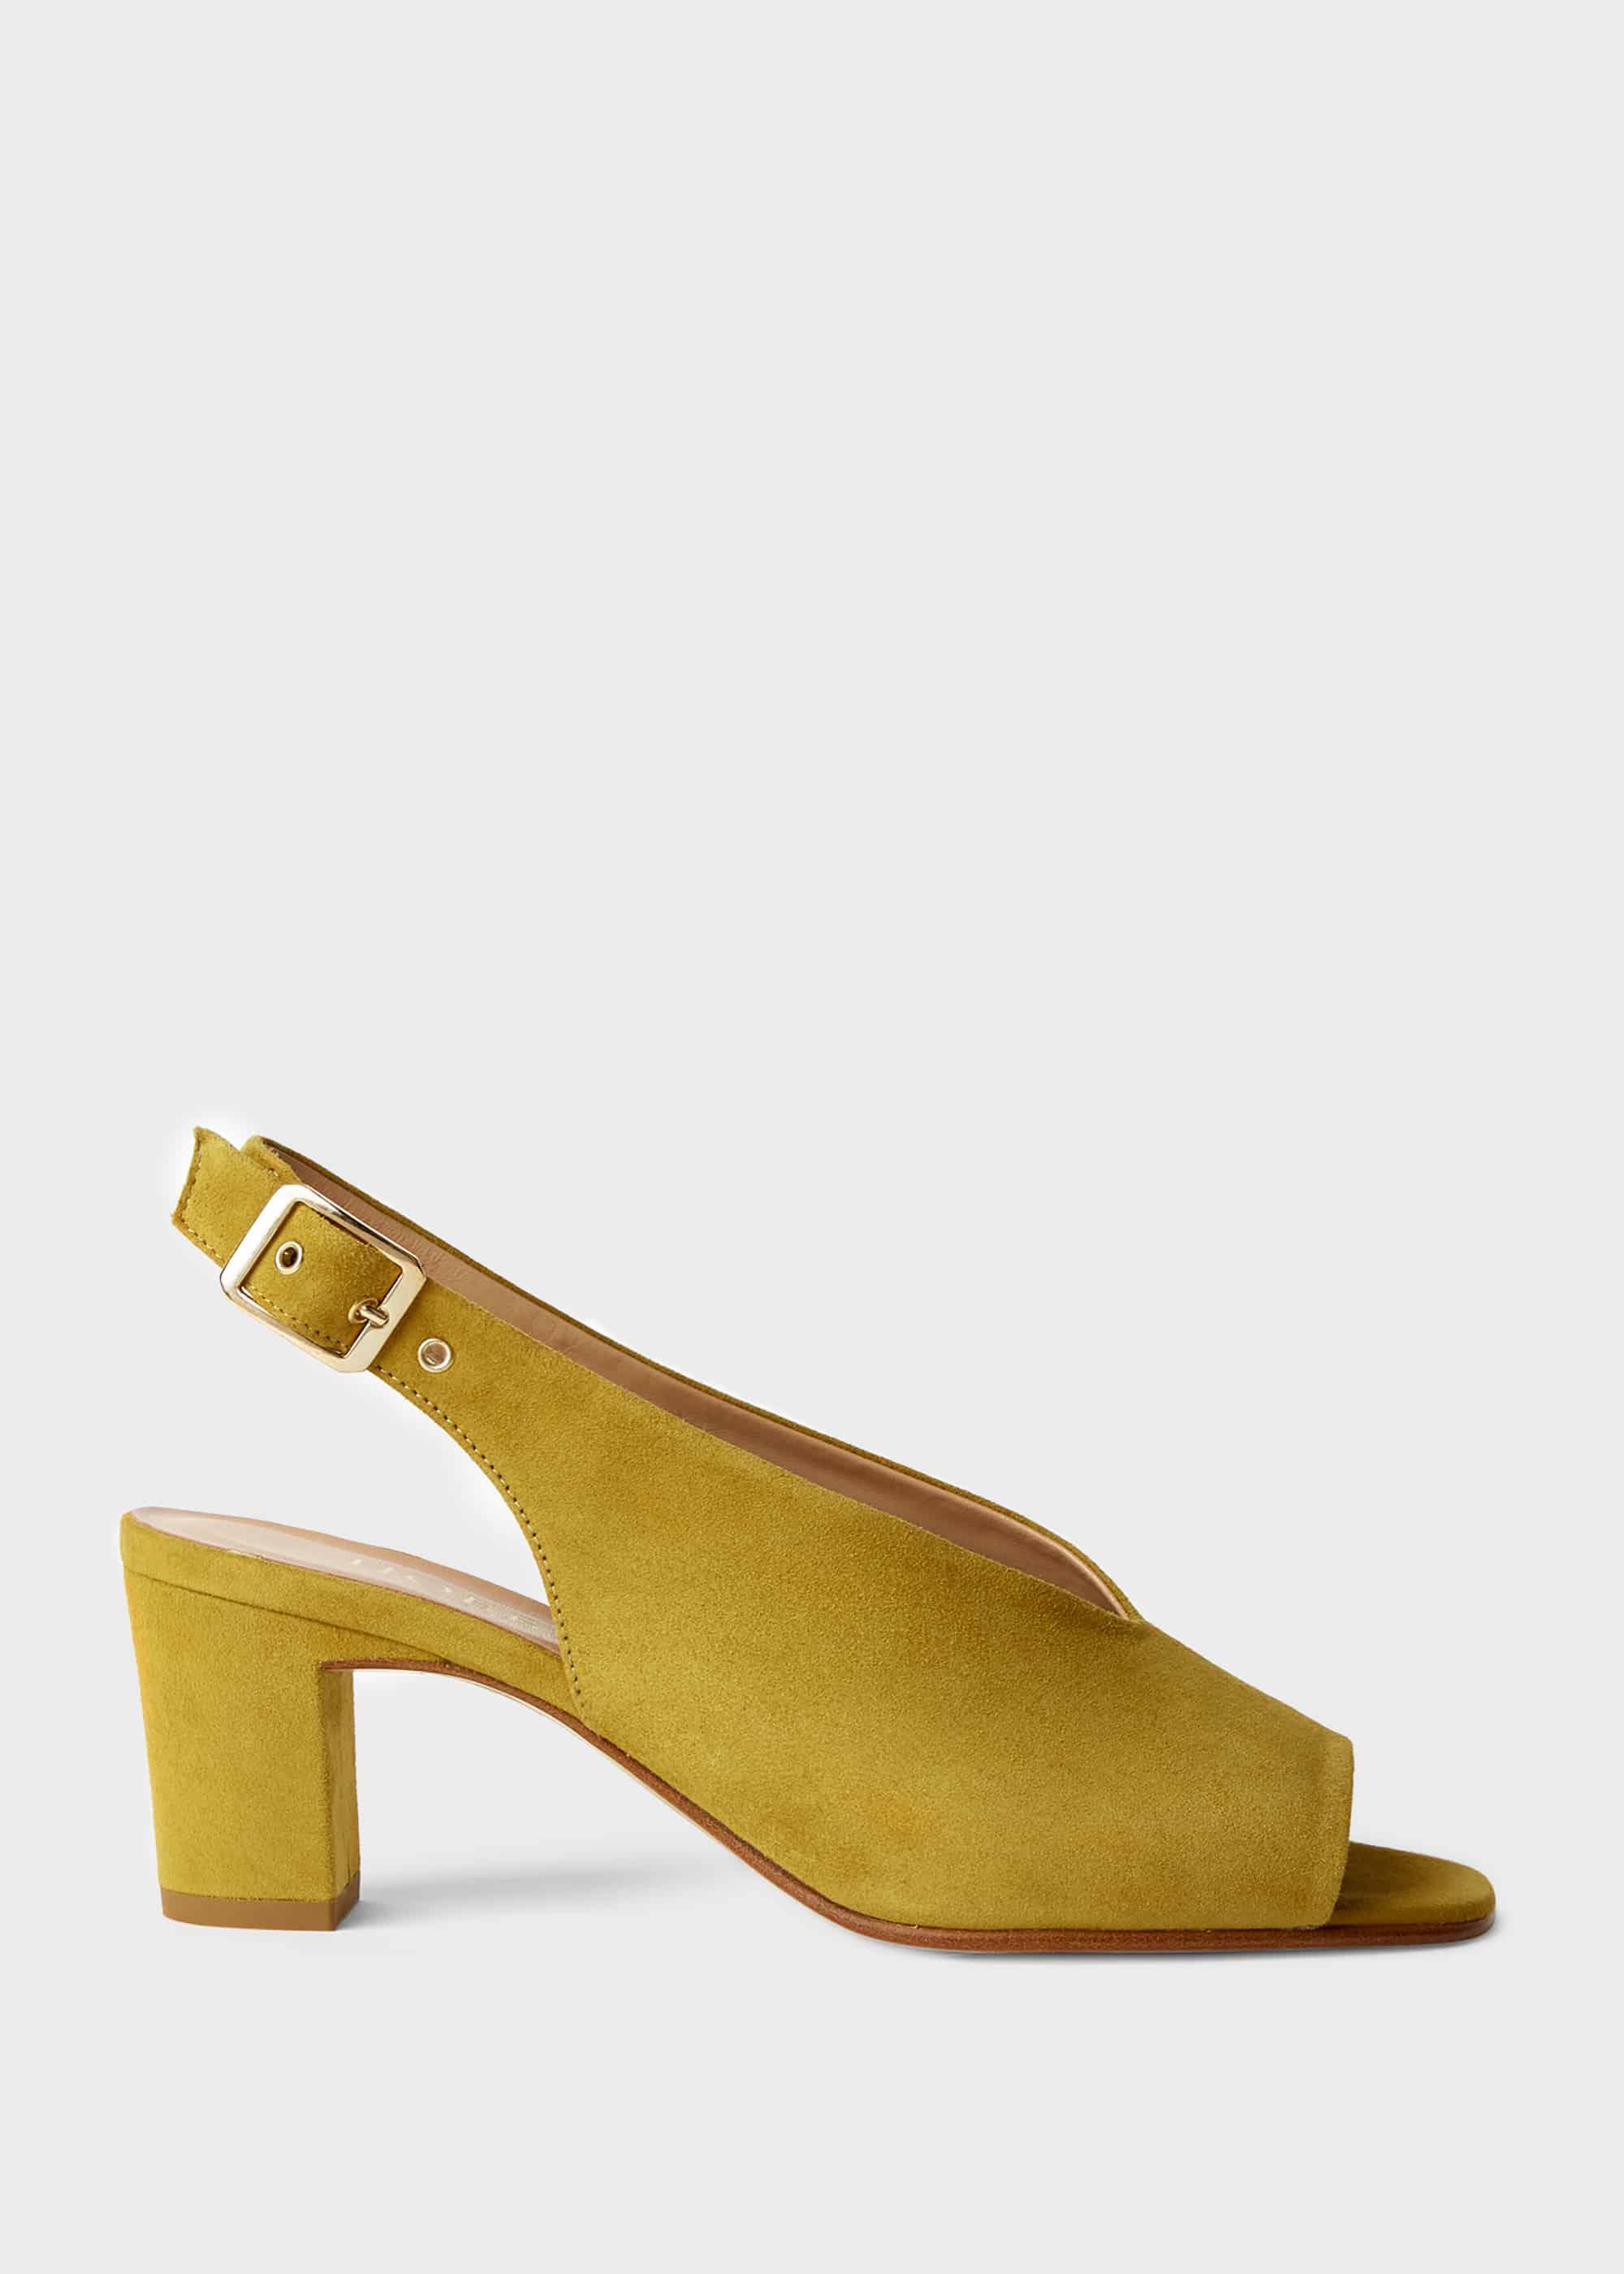 Hobbs Women Kali Suede Block Heel Sandals